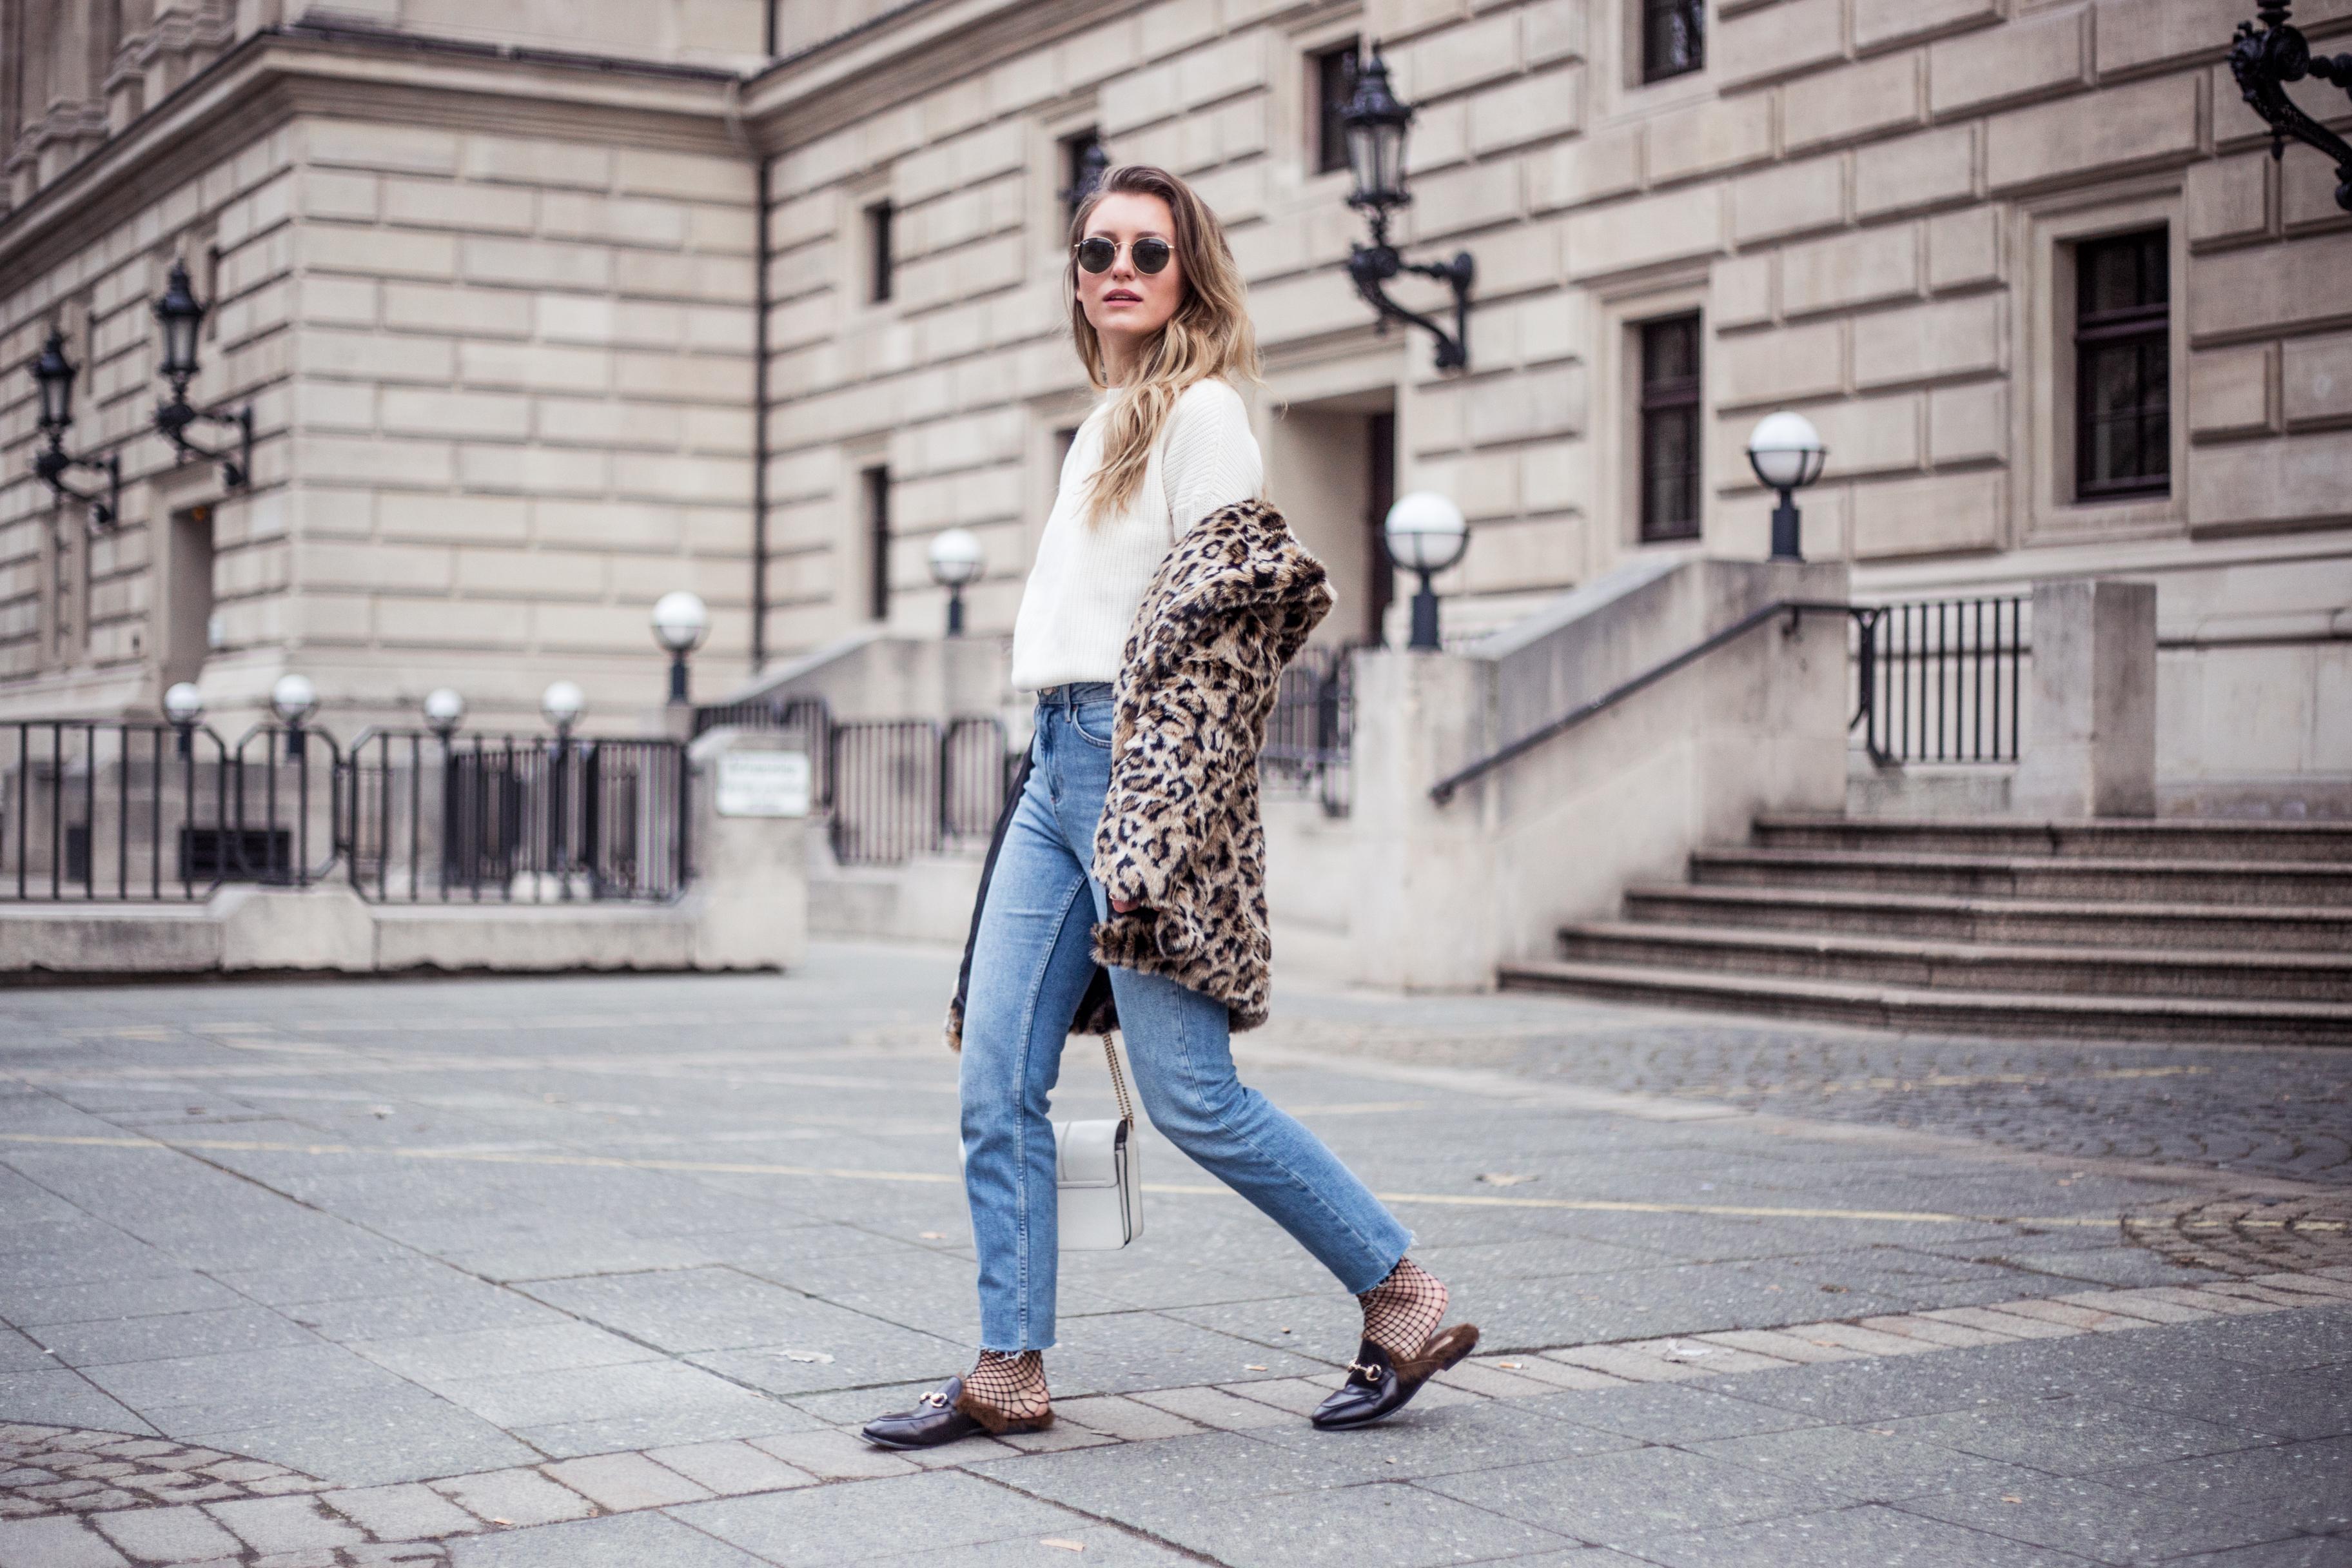 gucci-mules-leopard-fake-fur-outfit-livia-auer-9785